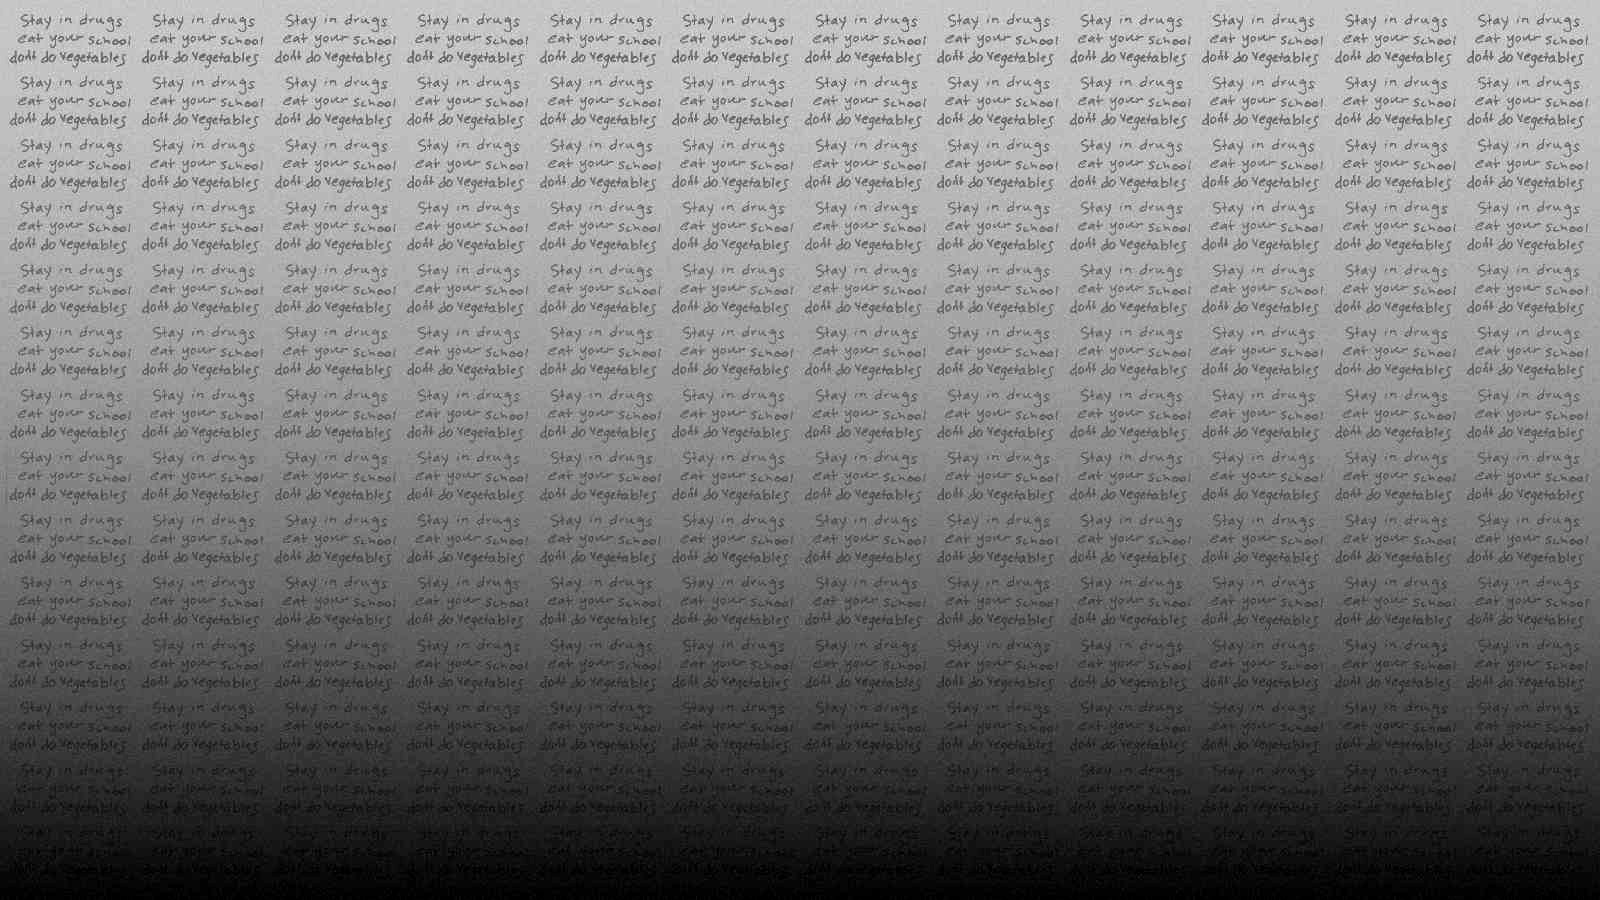 Votre fond d'écran du moment - Page 10 3tgty10